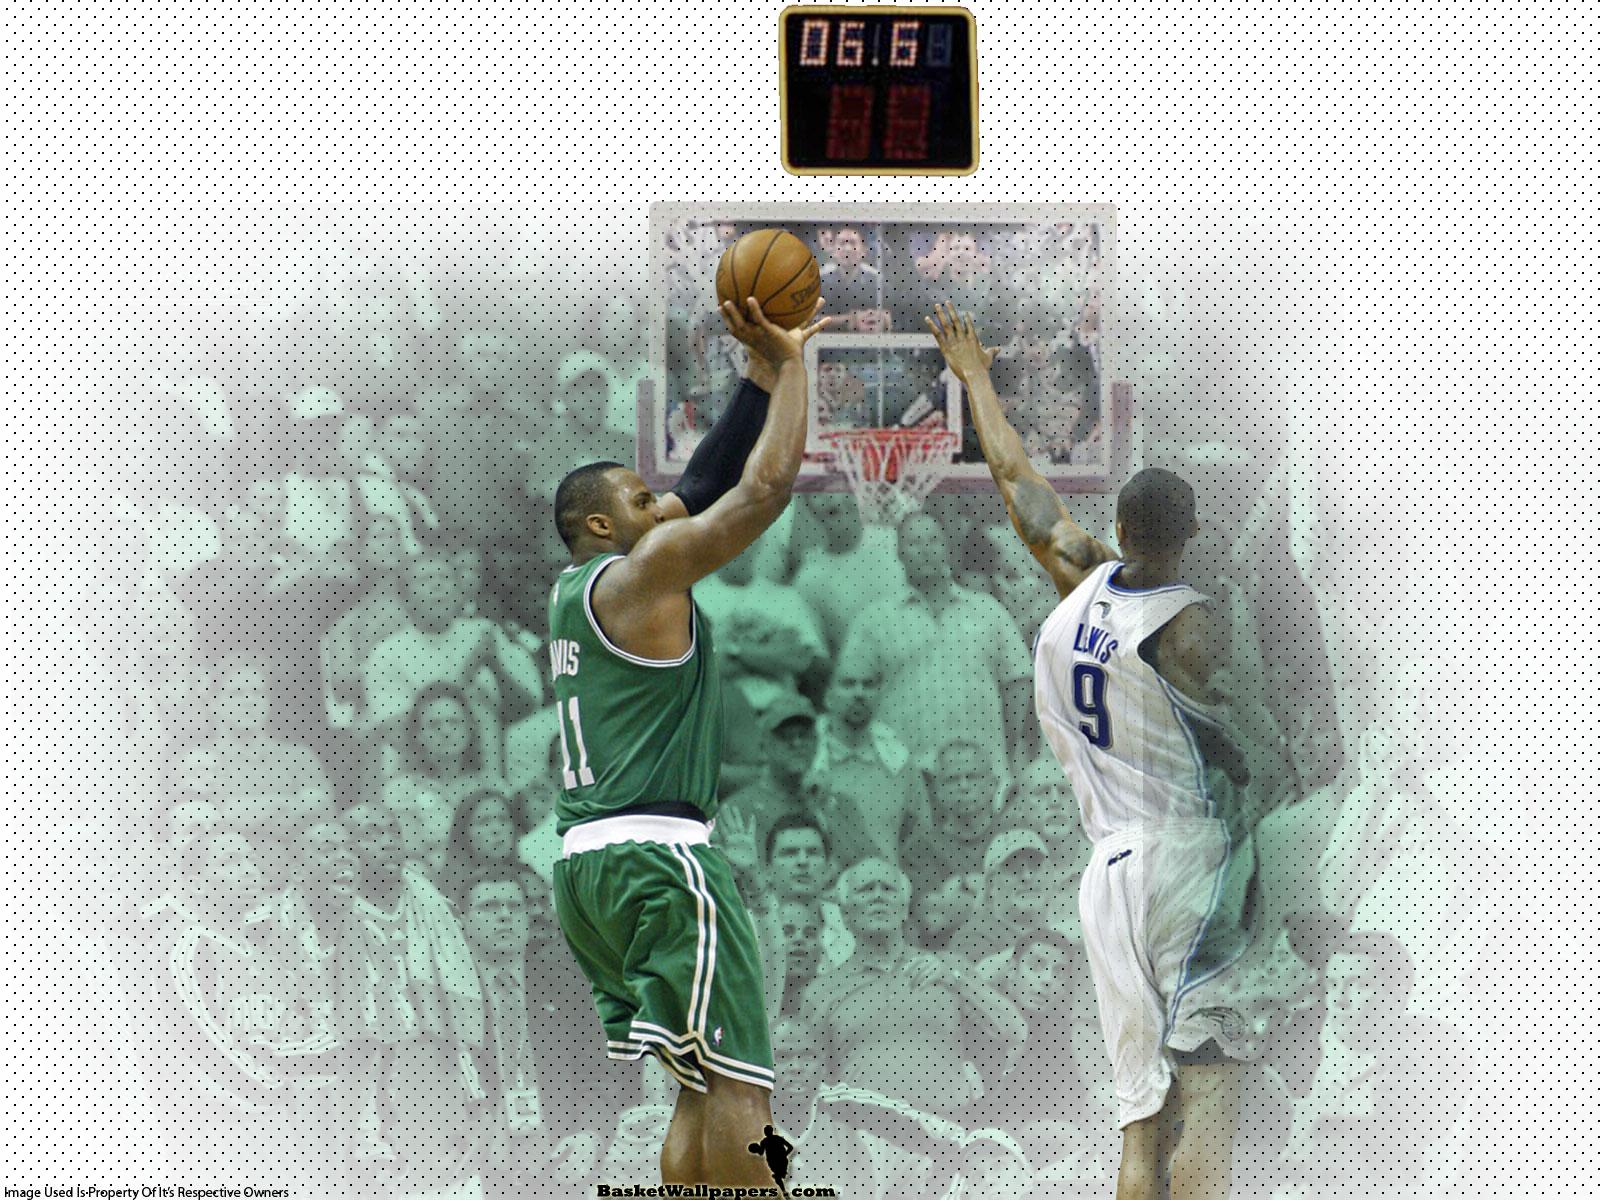 http://2.bp.blogspot.com/_0_IbsH3Iw48/TKTQKmcc6rI/AAAAAAAACf4/FvQVsly70qE/s1600/Glen-Davis-Playoffs-Buzzer-Beater-2009-Wallpaper.jpg